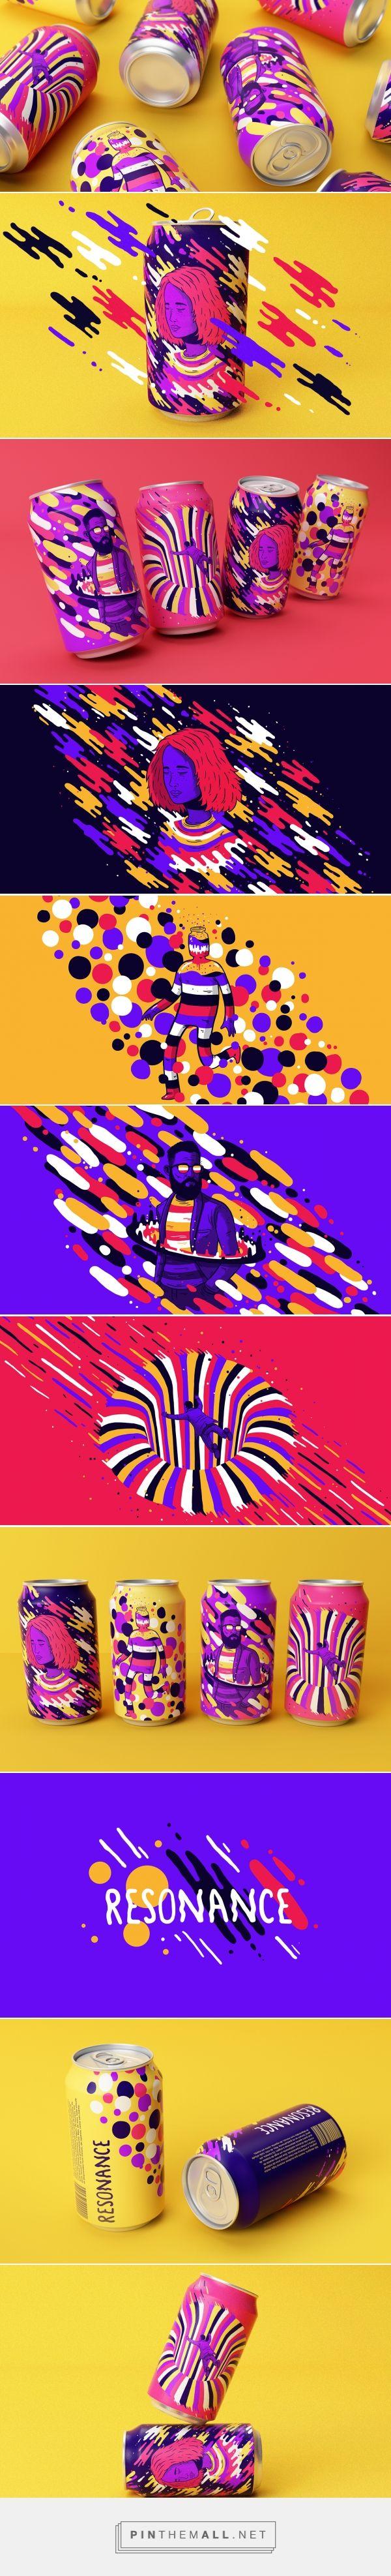 Lovely Illustrations on Resonance packaging design concept by Lucas Wakamatsu (Brazil) - http://www.packagingoftheworld.com/2016/07/resonance-concept.html